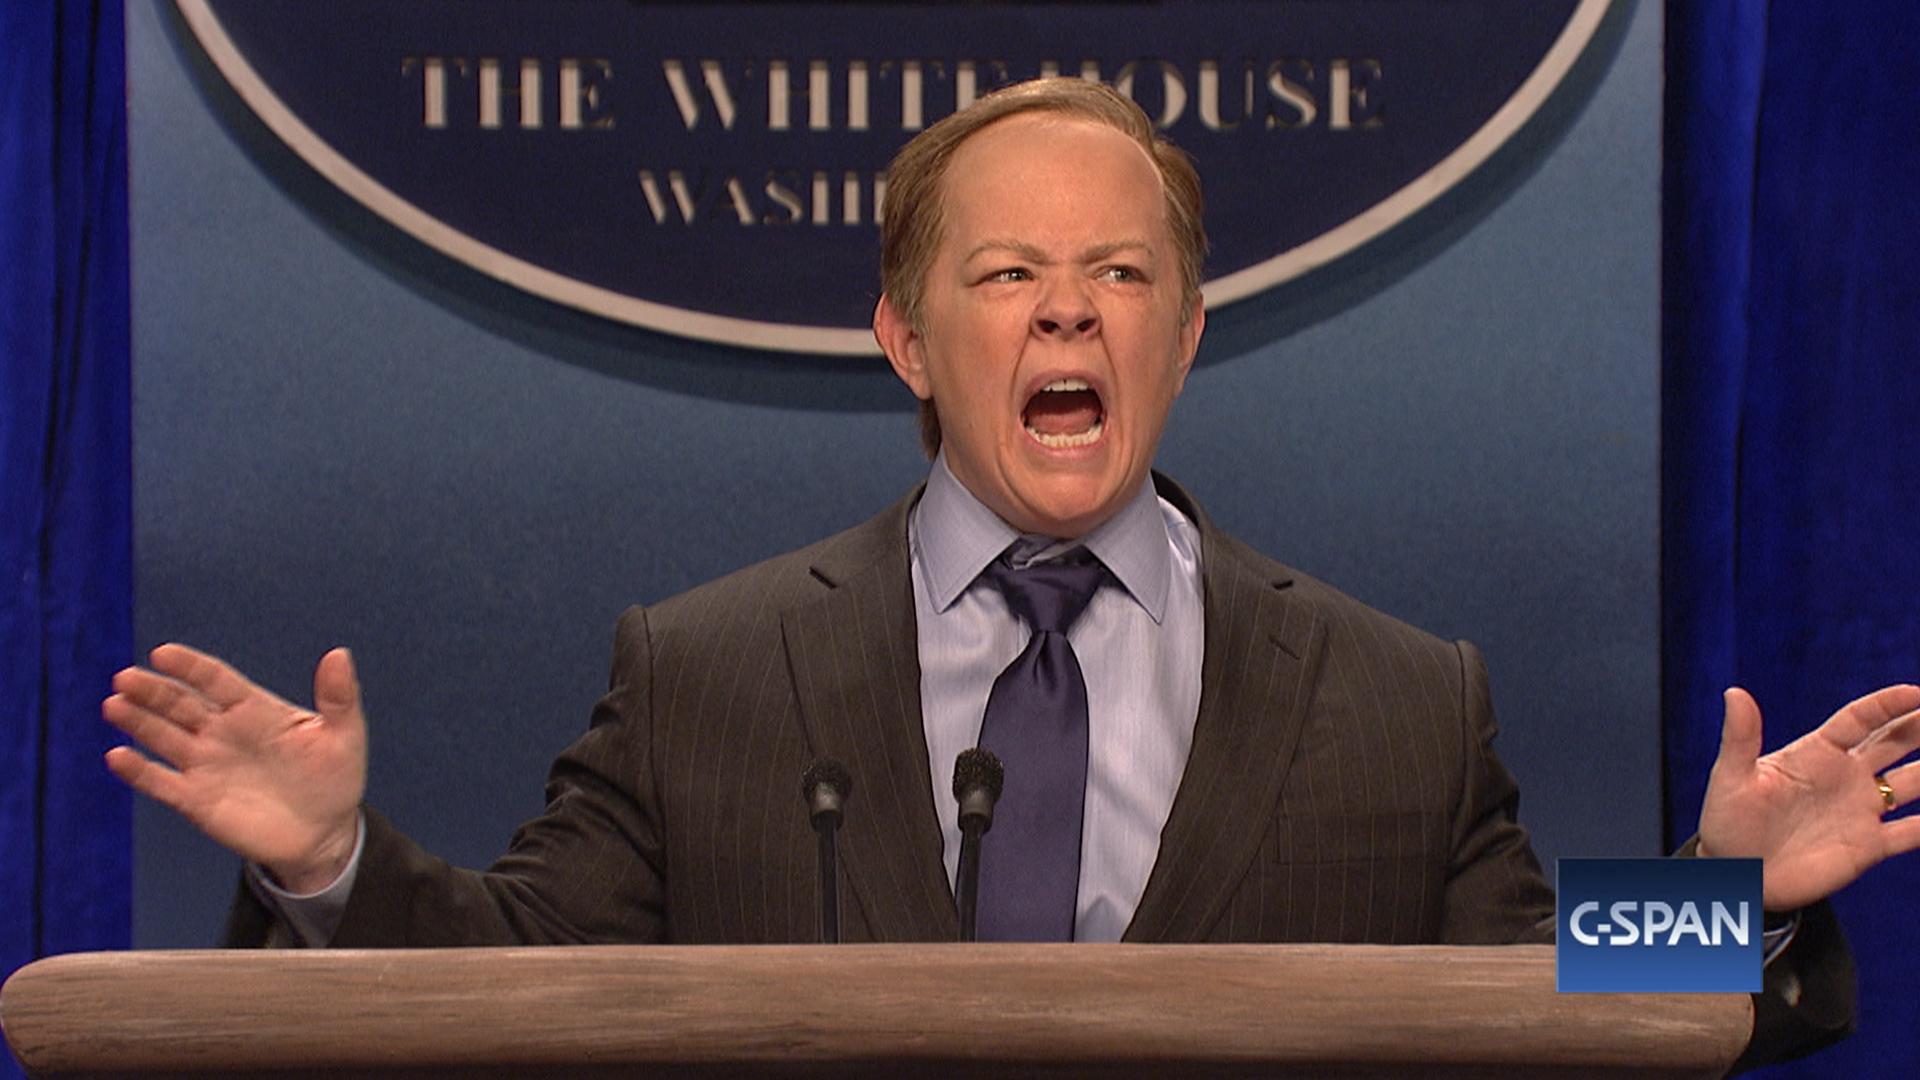 hatalmas készlet bemutató elegáns cipő Melissa McCarthy appears on 'SNL' as Sean Spicer